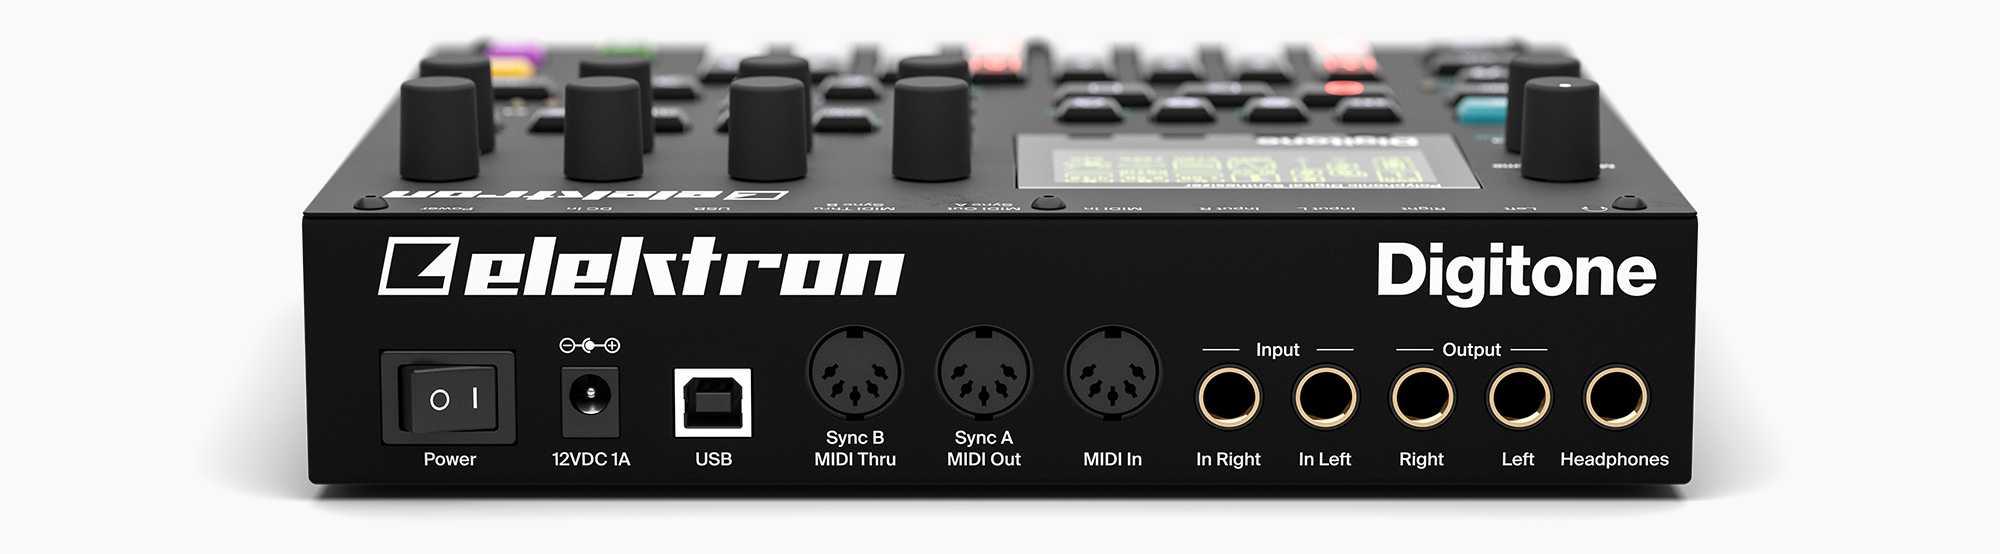 An der Rückseite befinden sich die üppig bestückten Anschlüsse. Allerdings leitet Digitone seine einzelnen Stimmen nur als Summe aus. Zugriff auf die vier einzelnen Ströme soll per USB-Audio über die Overbridge-Software möglich werden.